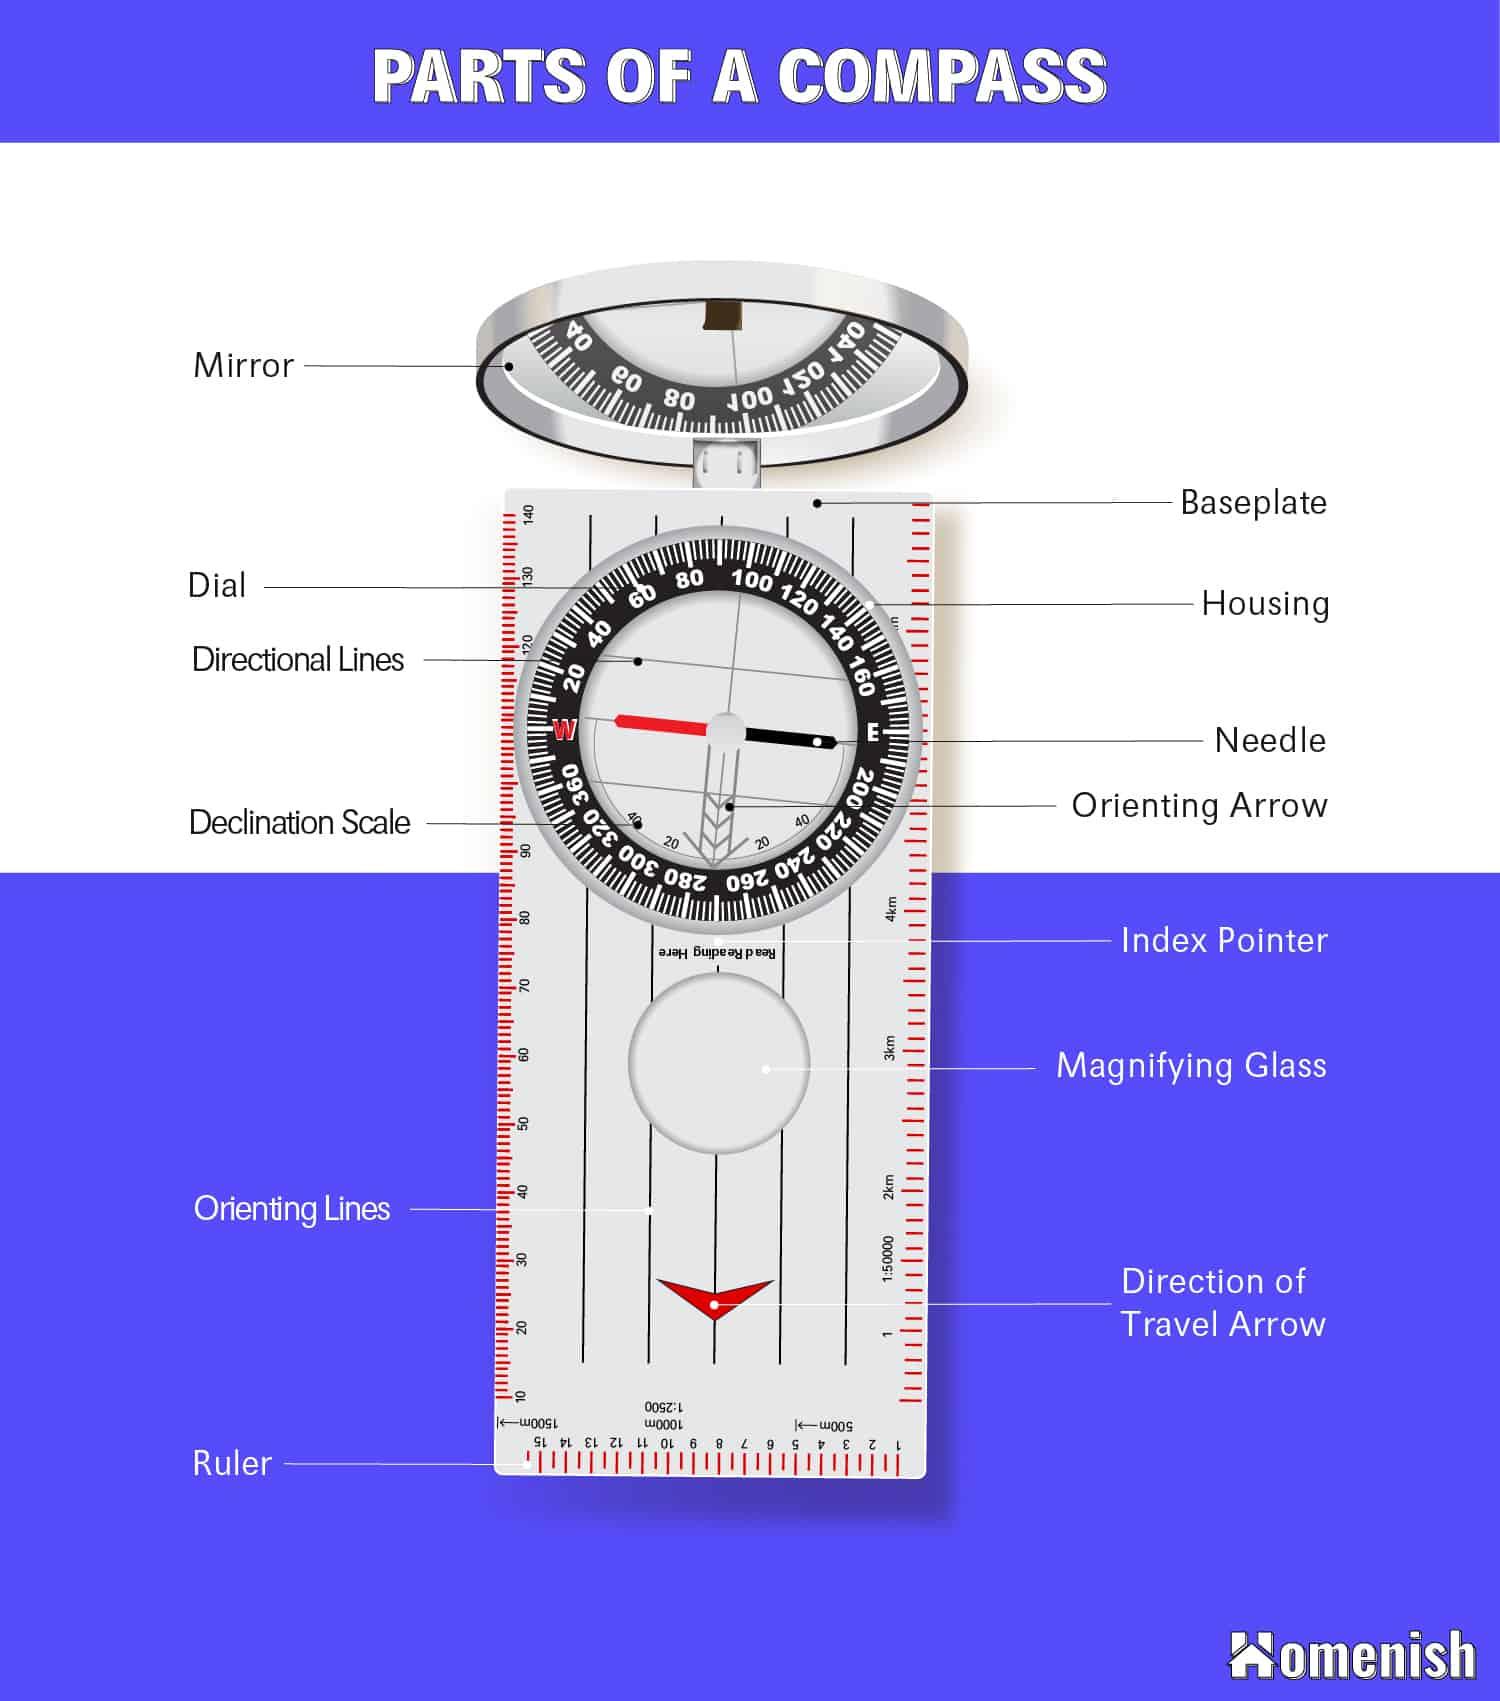 Parts of a Compass Diagram